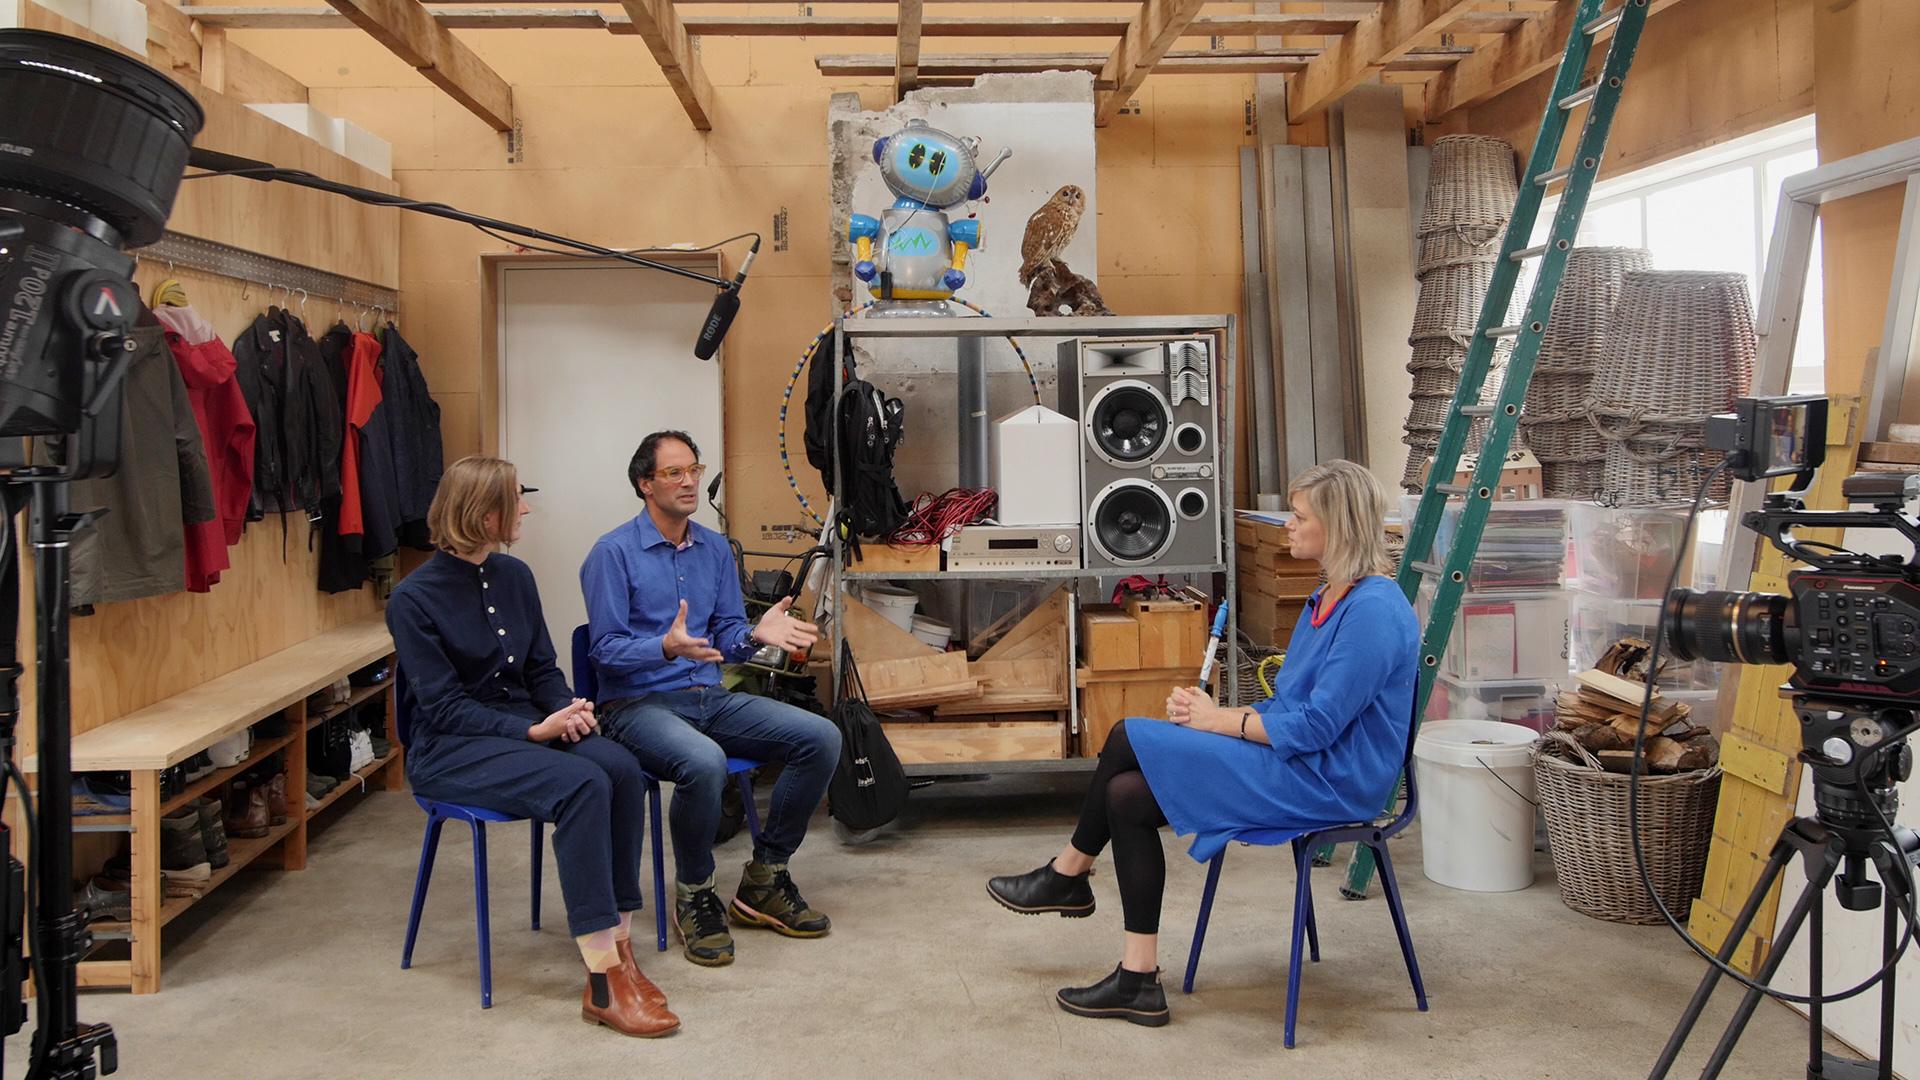 Alice Twemlow in conversation with Krijn Christiaansen and Cathelijne Montens (KCCM)